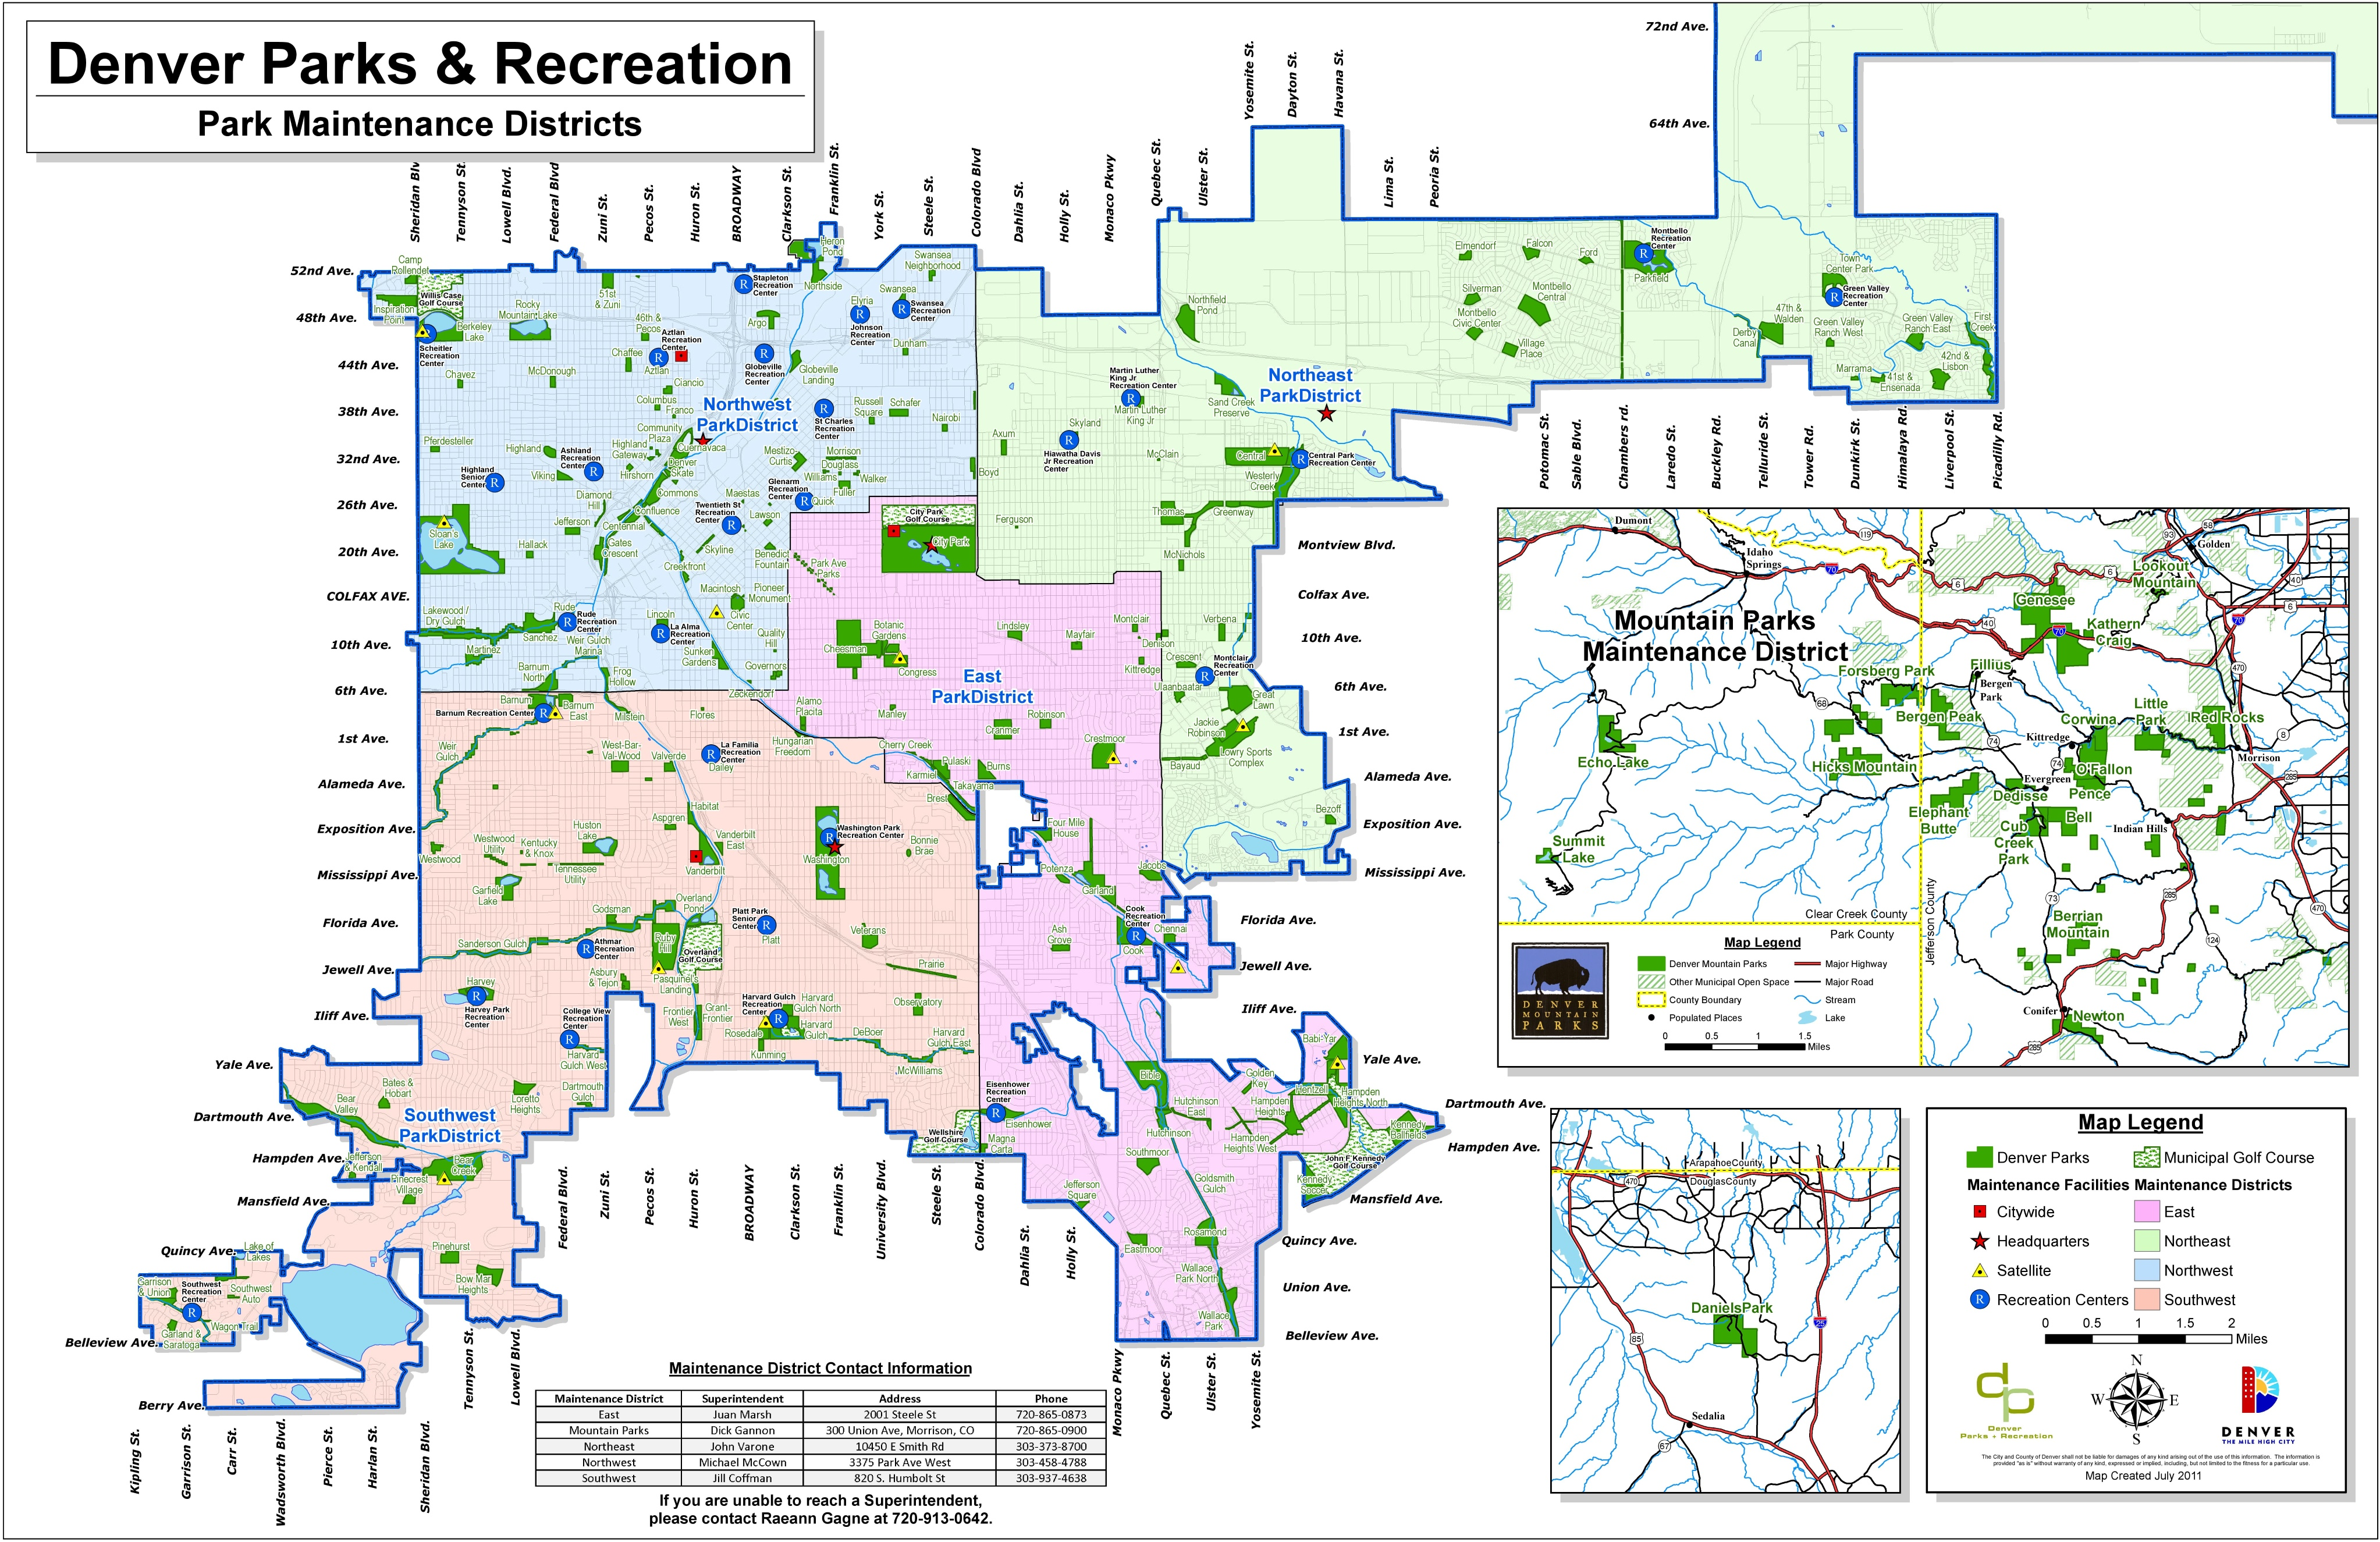 denver parks map